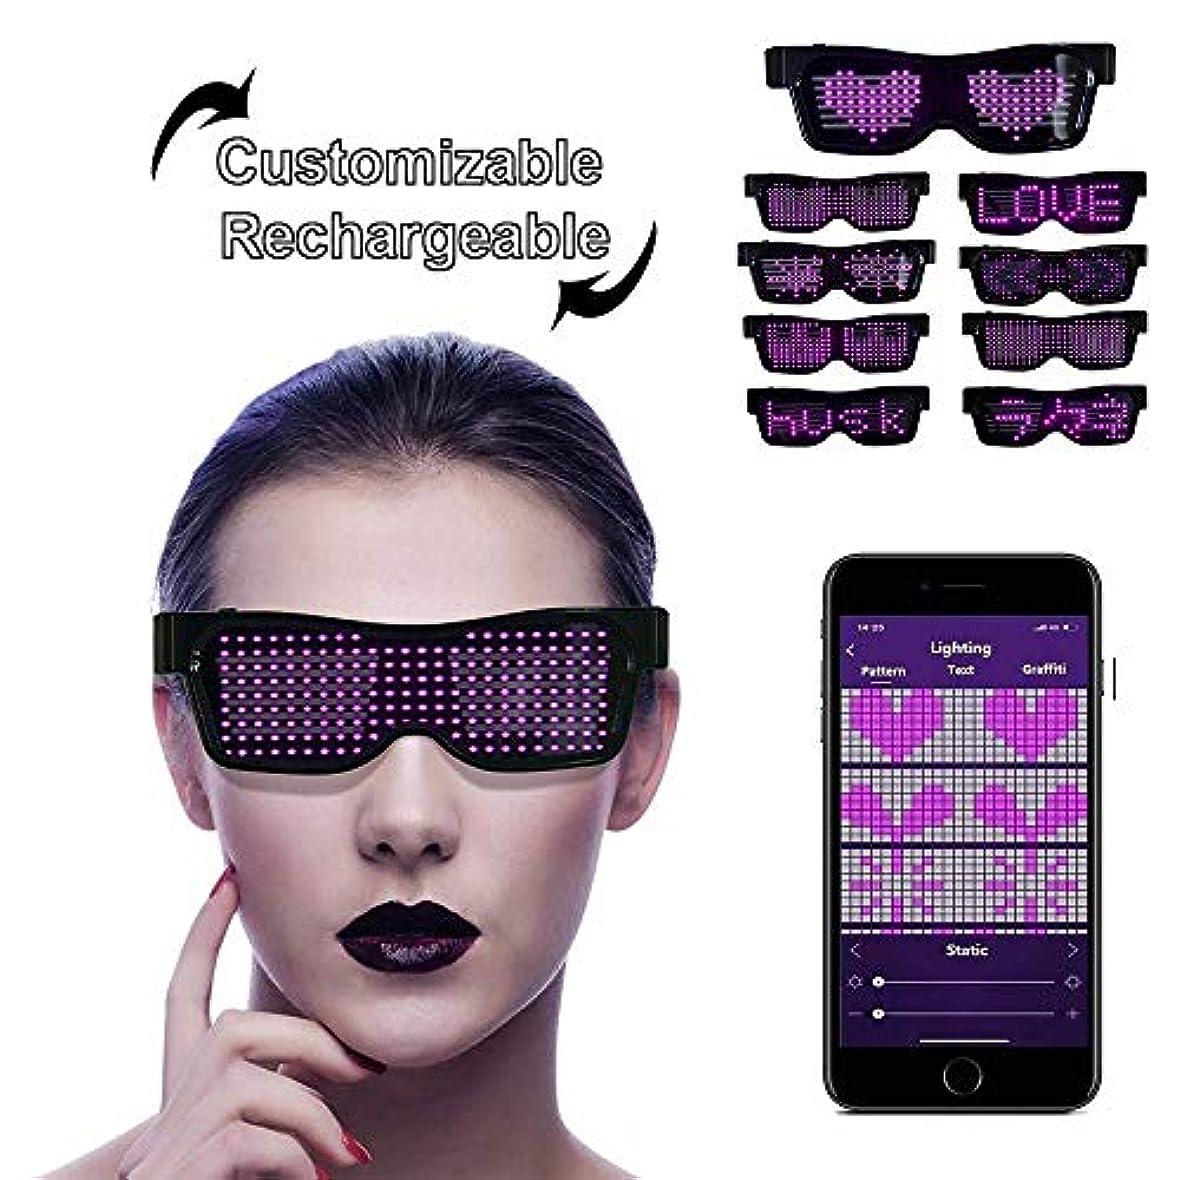 サーマル著者限界LEDサングラス, LEDメガネ ブルートゥースLEDパーティーメガネカスタマイズ可能なLEDメガネUSB充電式9モードワイヤレス点滅LEDディスプレイ、フェスティバル用グロー眼鏡レイヴパーティー